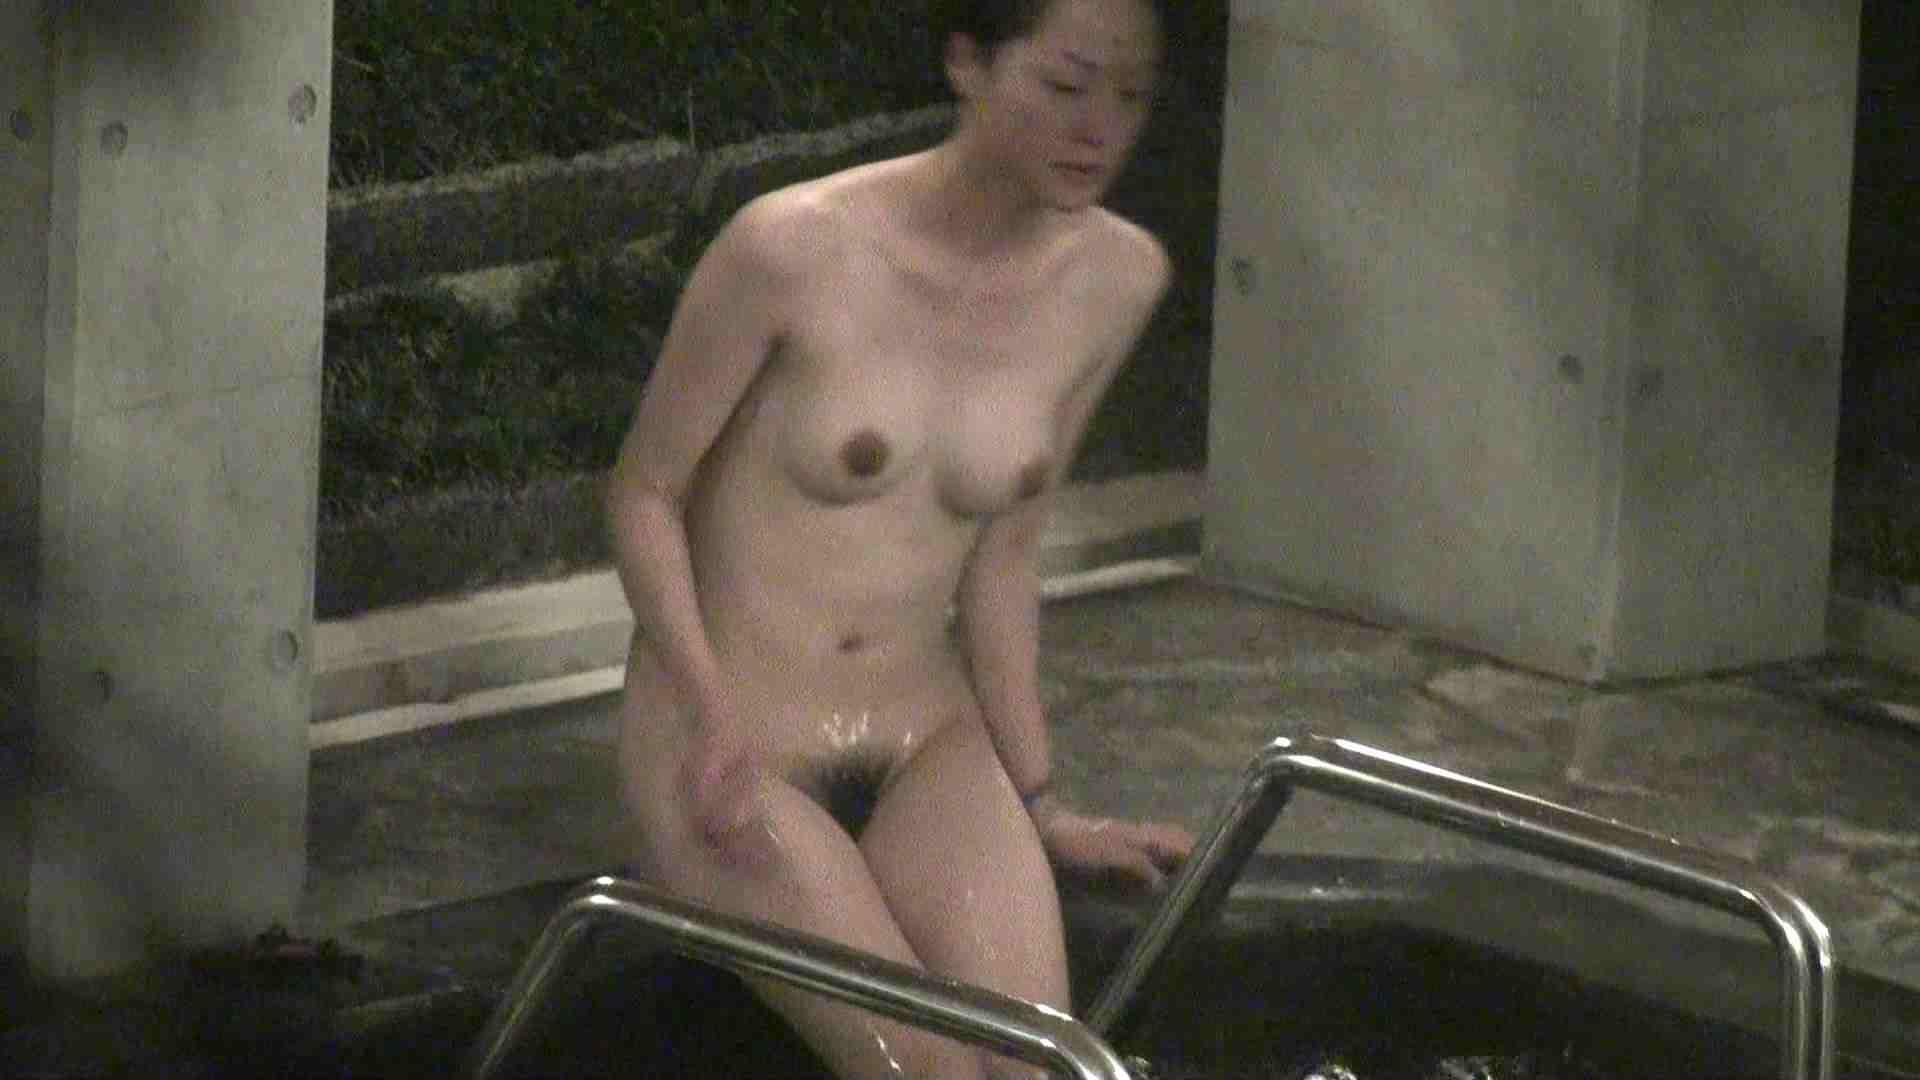 Aquaな露天風呂Vol.318 美しいOLの裸体  105pic 45